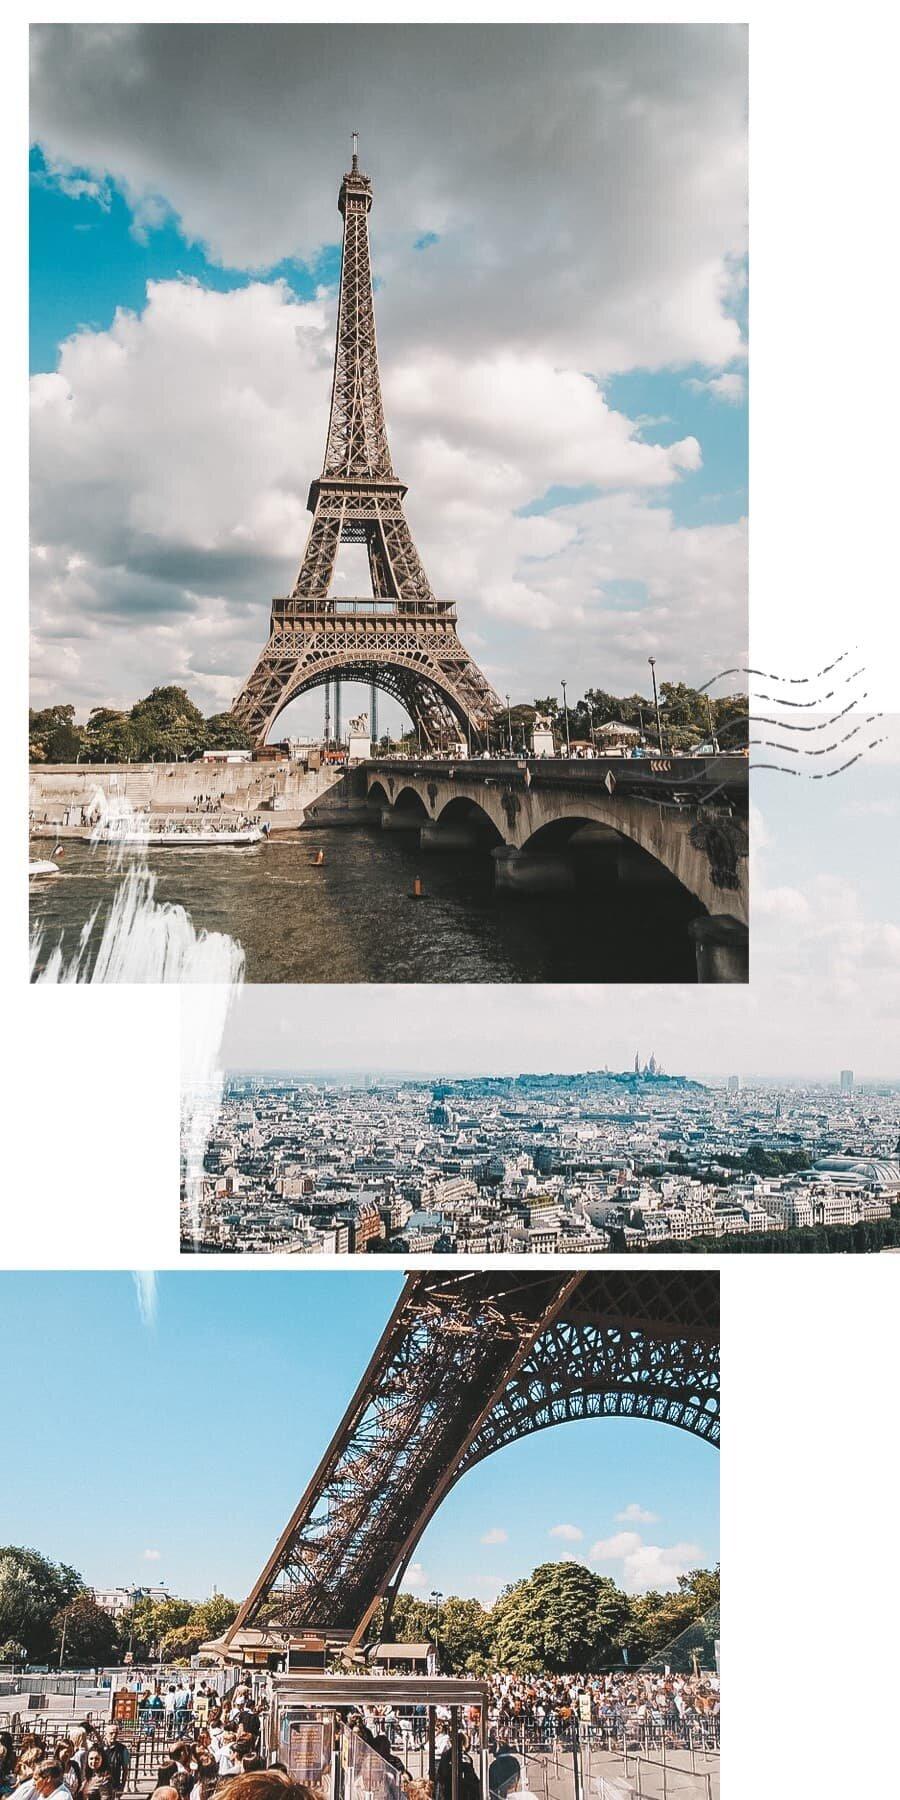 париж достопримечательности эйфелева башня